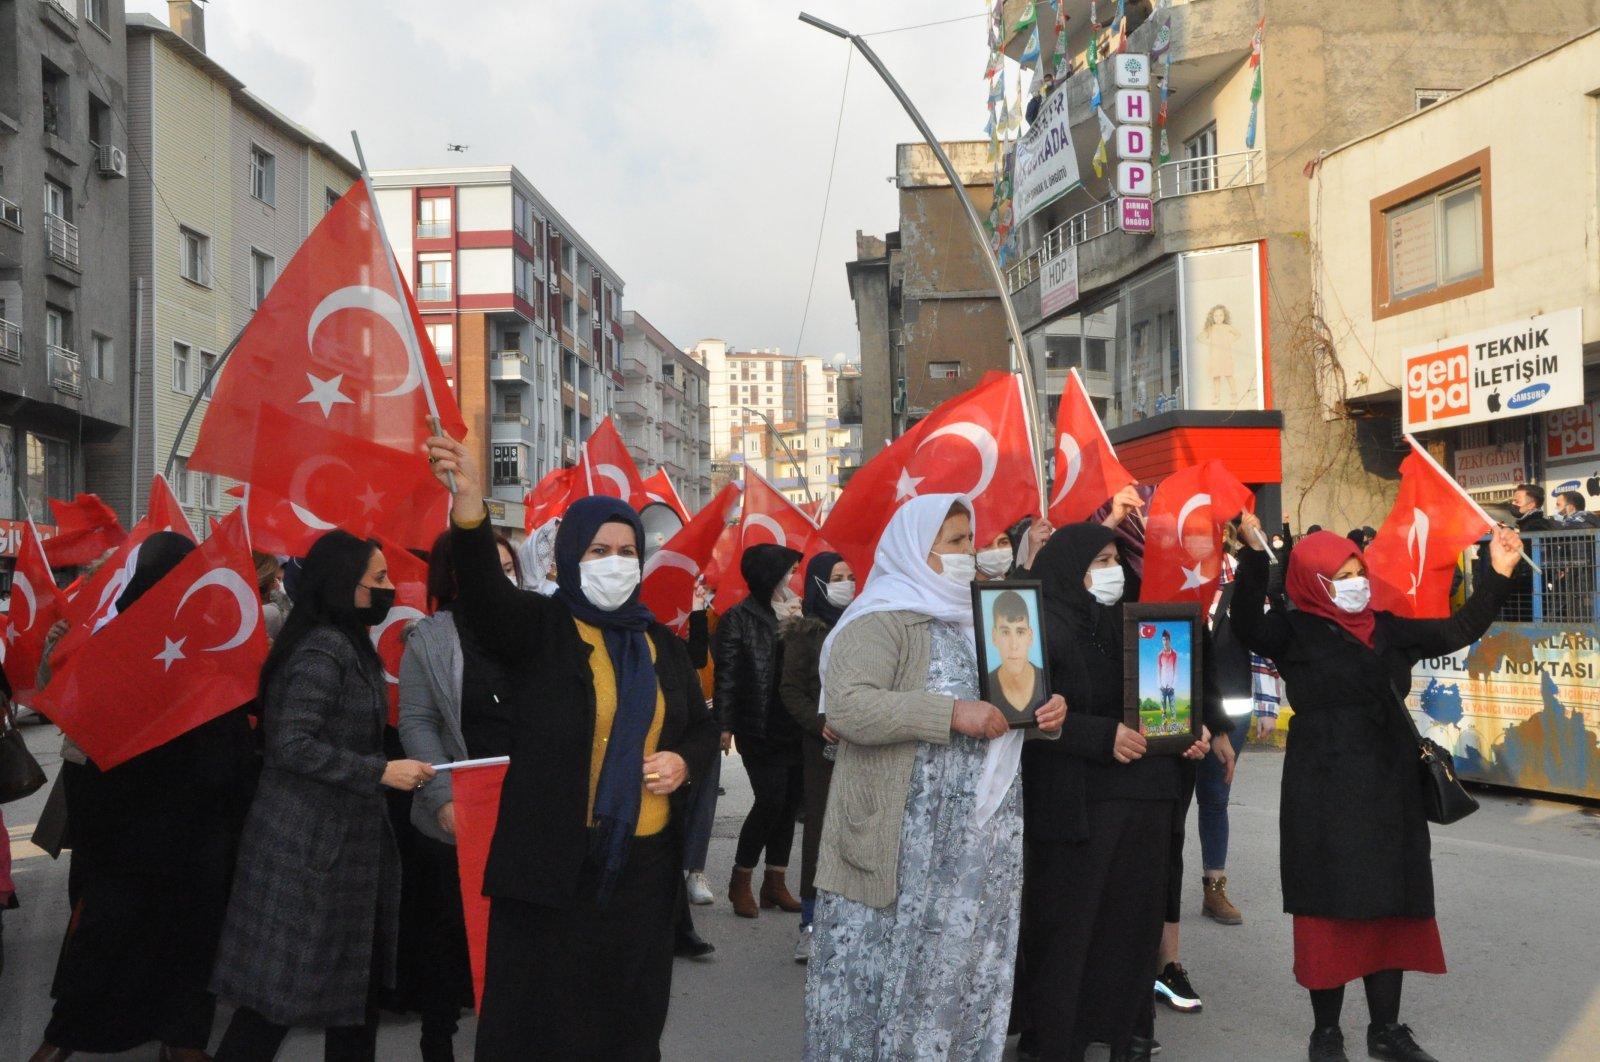 Families victimized by PKK terrorism march in Şırnak, southeastern Turkey, Dec. 17, 2020. (AA Photo)